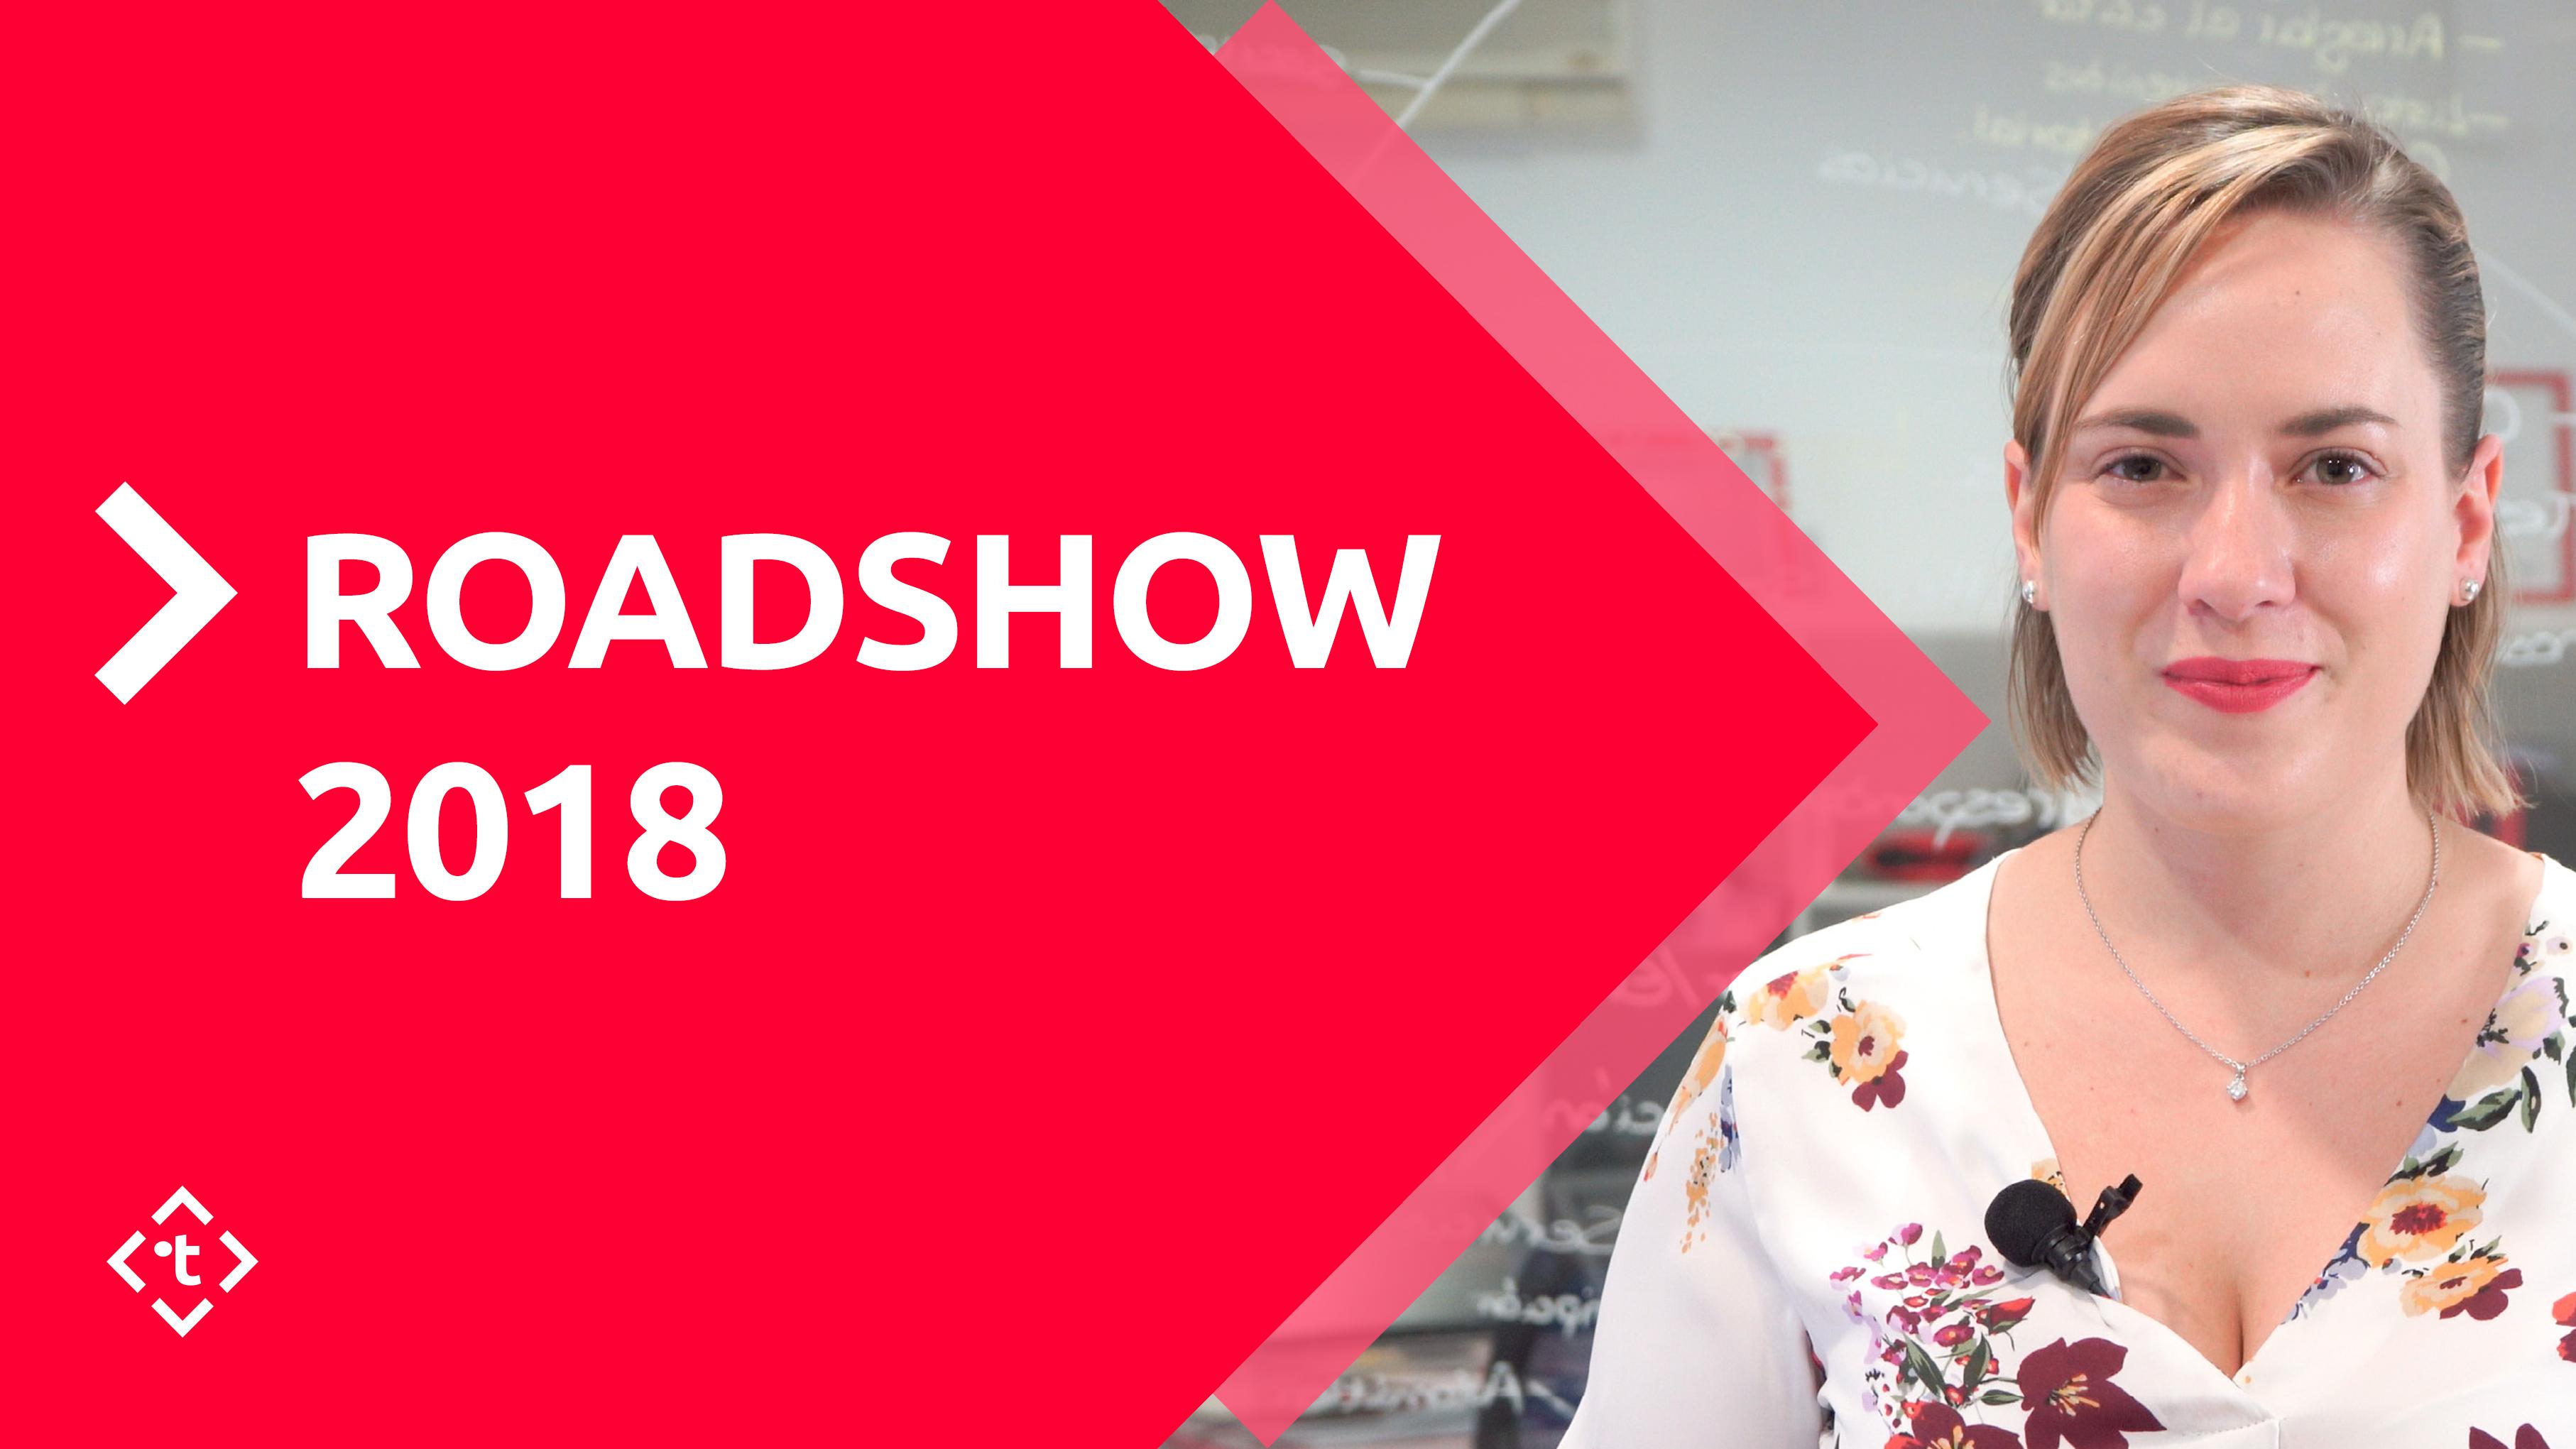 ROADSHOW 2018